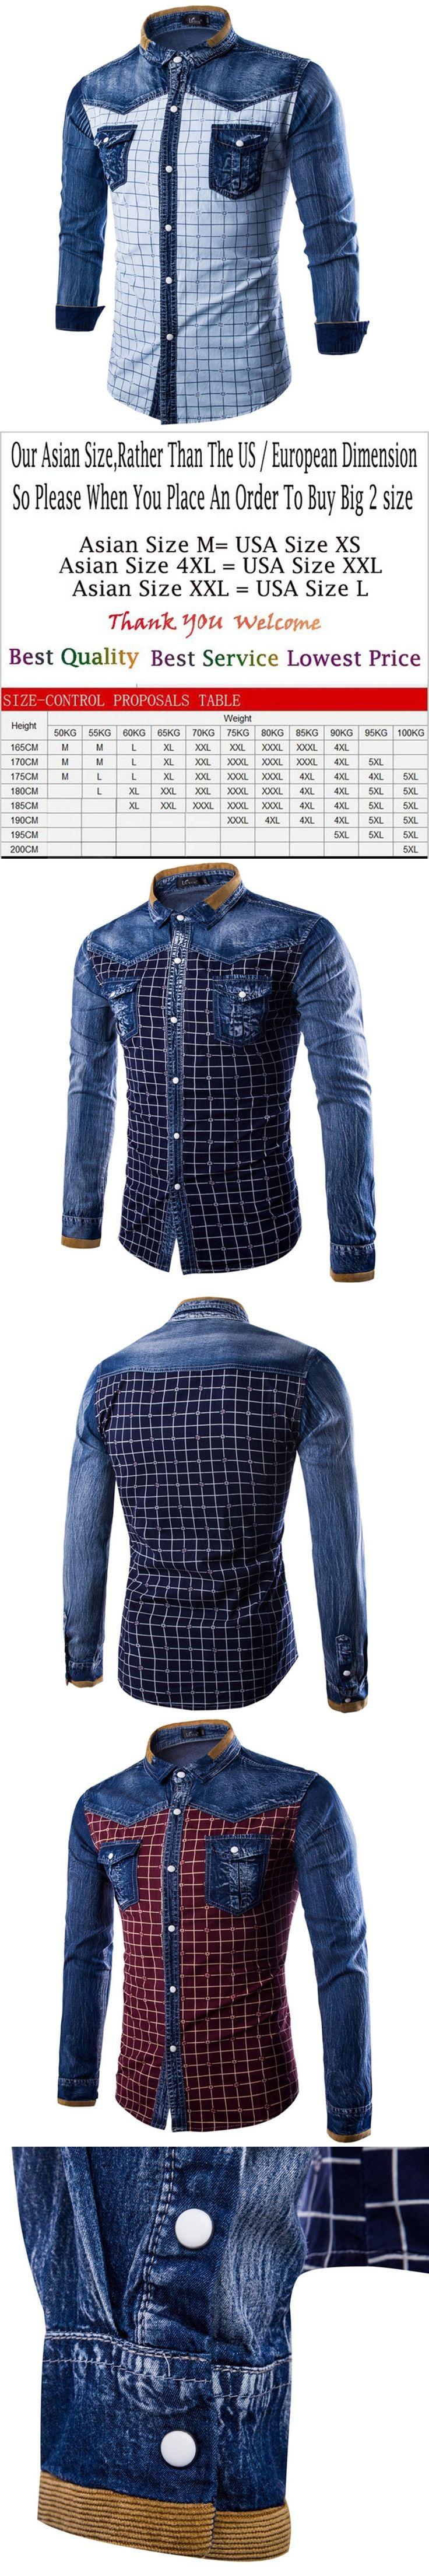 2017 Fashion Men Denim Shirts Long Sleeve Camisa Masculina Denim Blue Plaid Shirt Casual Retro Washed Blouses Chemise Homme